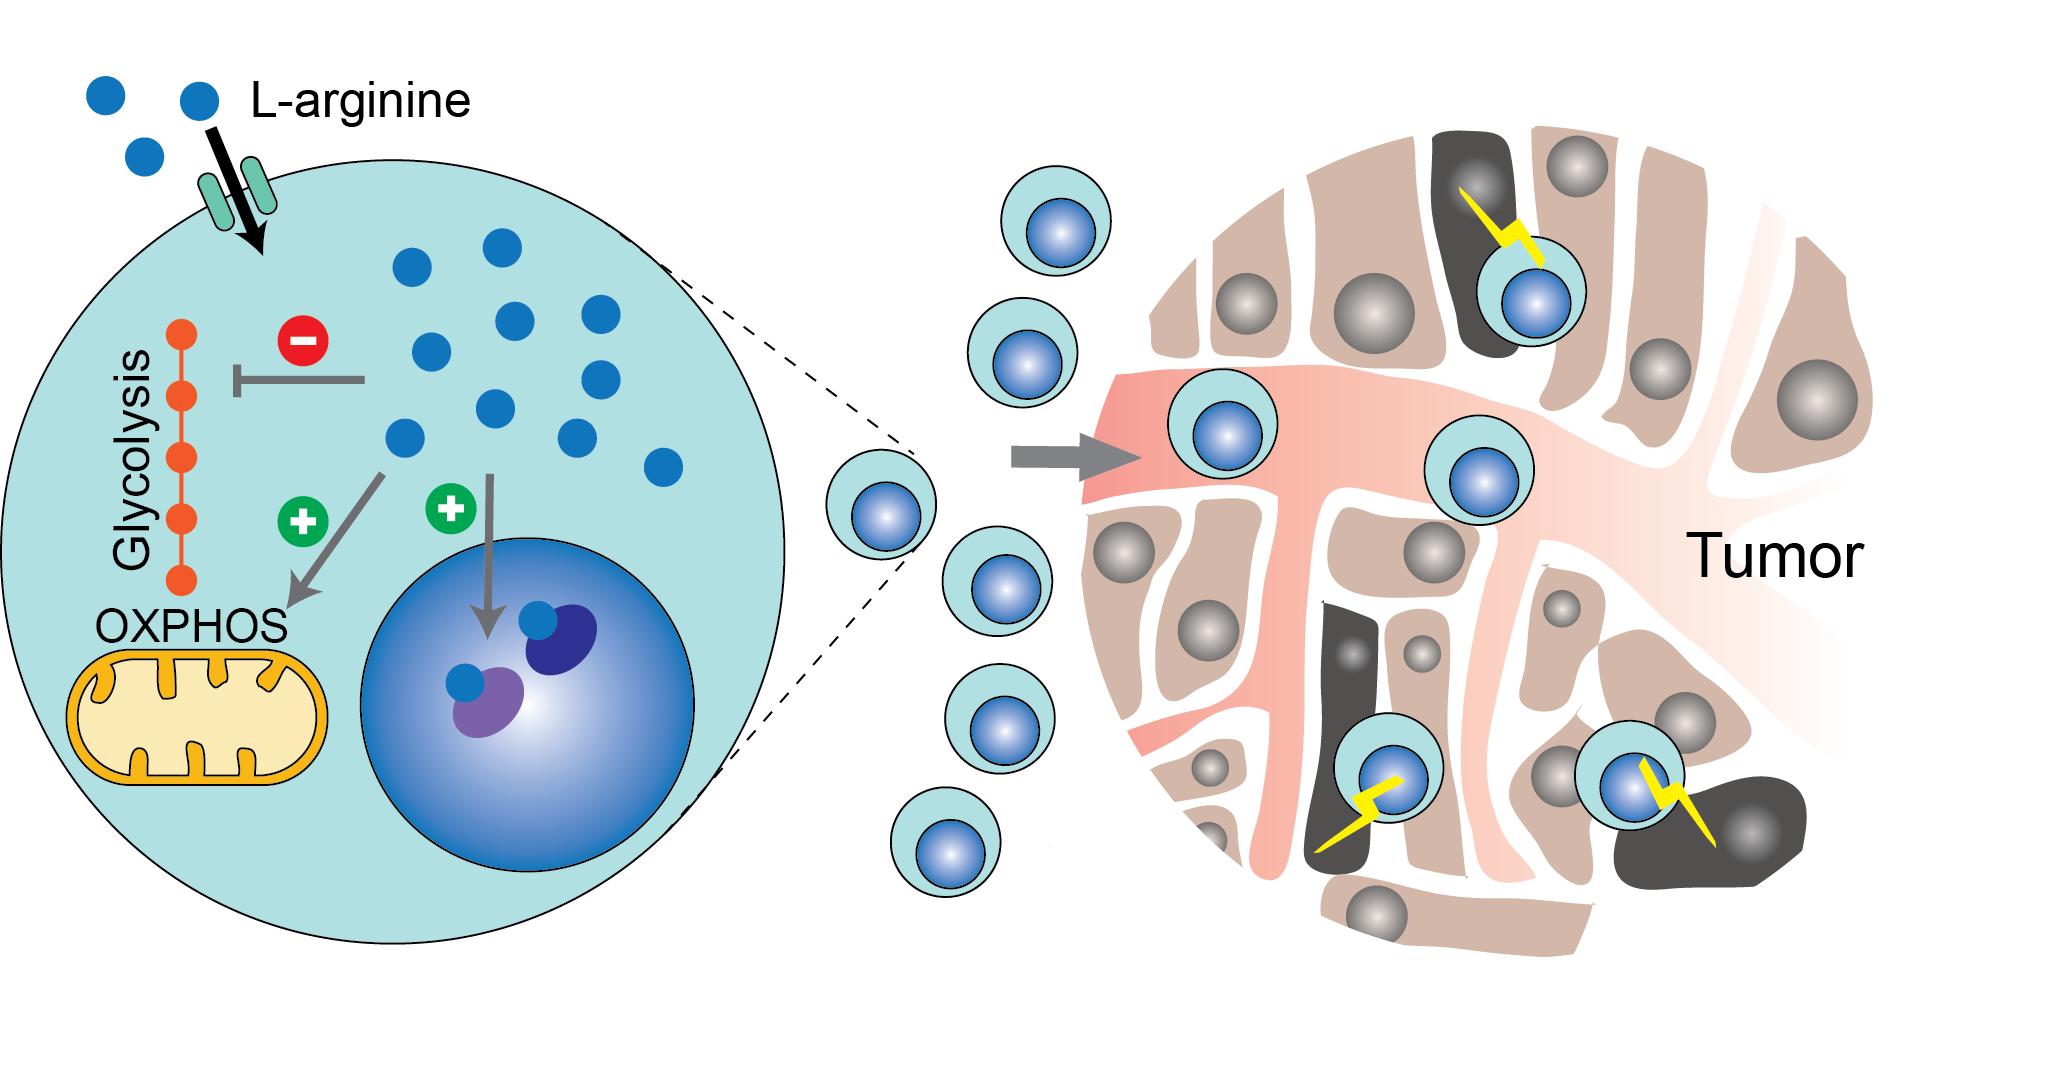 Assunzione di arginina può migliorare la risposta immunitaria contro il cancro